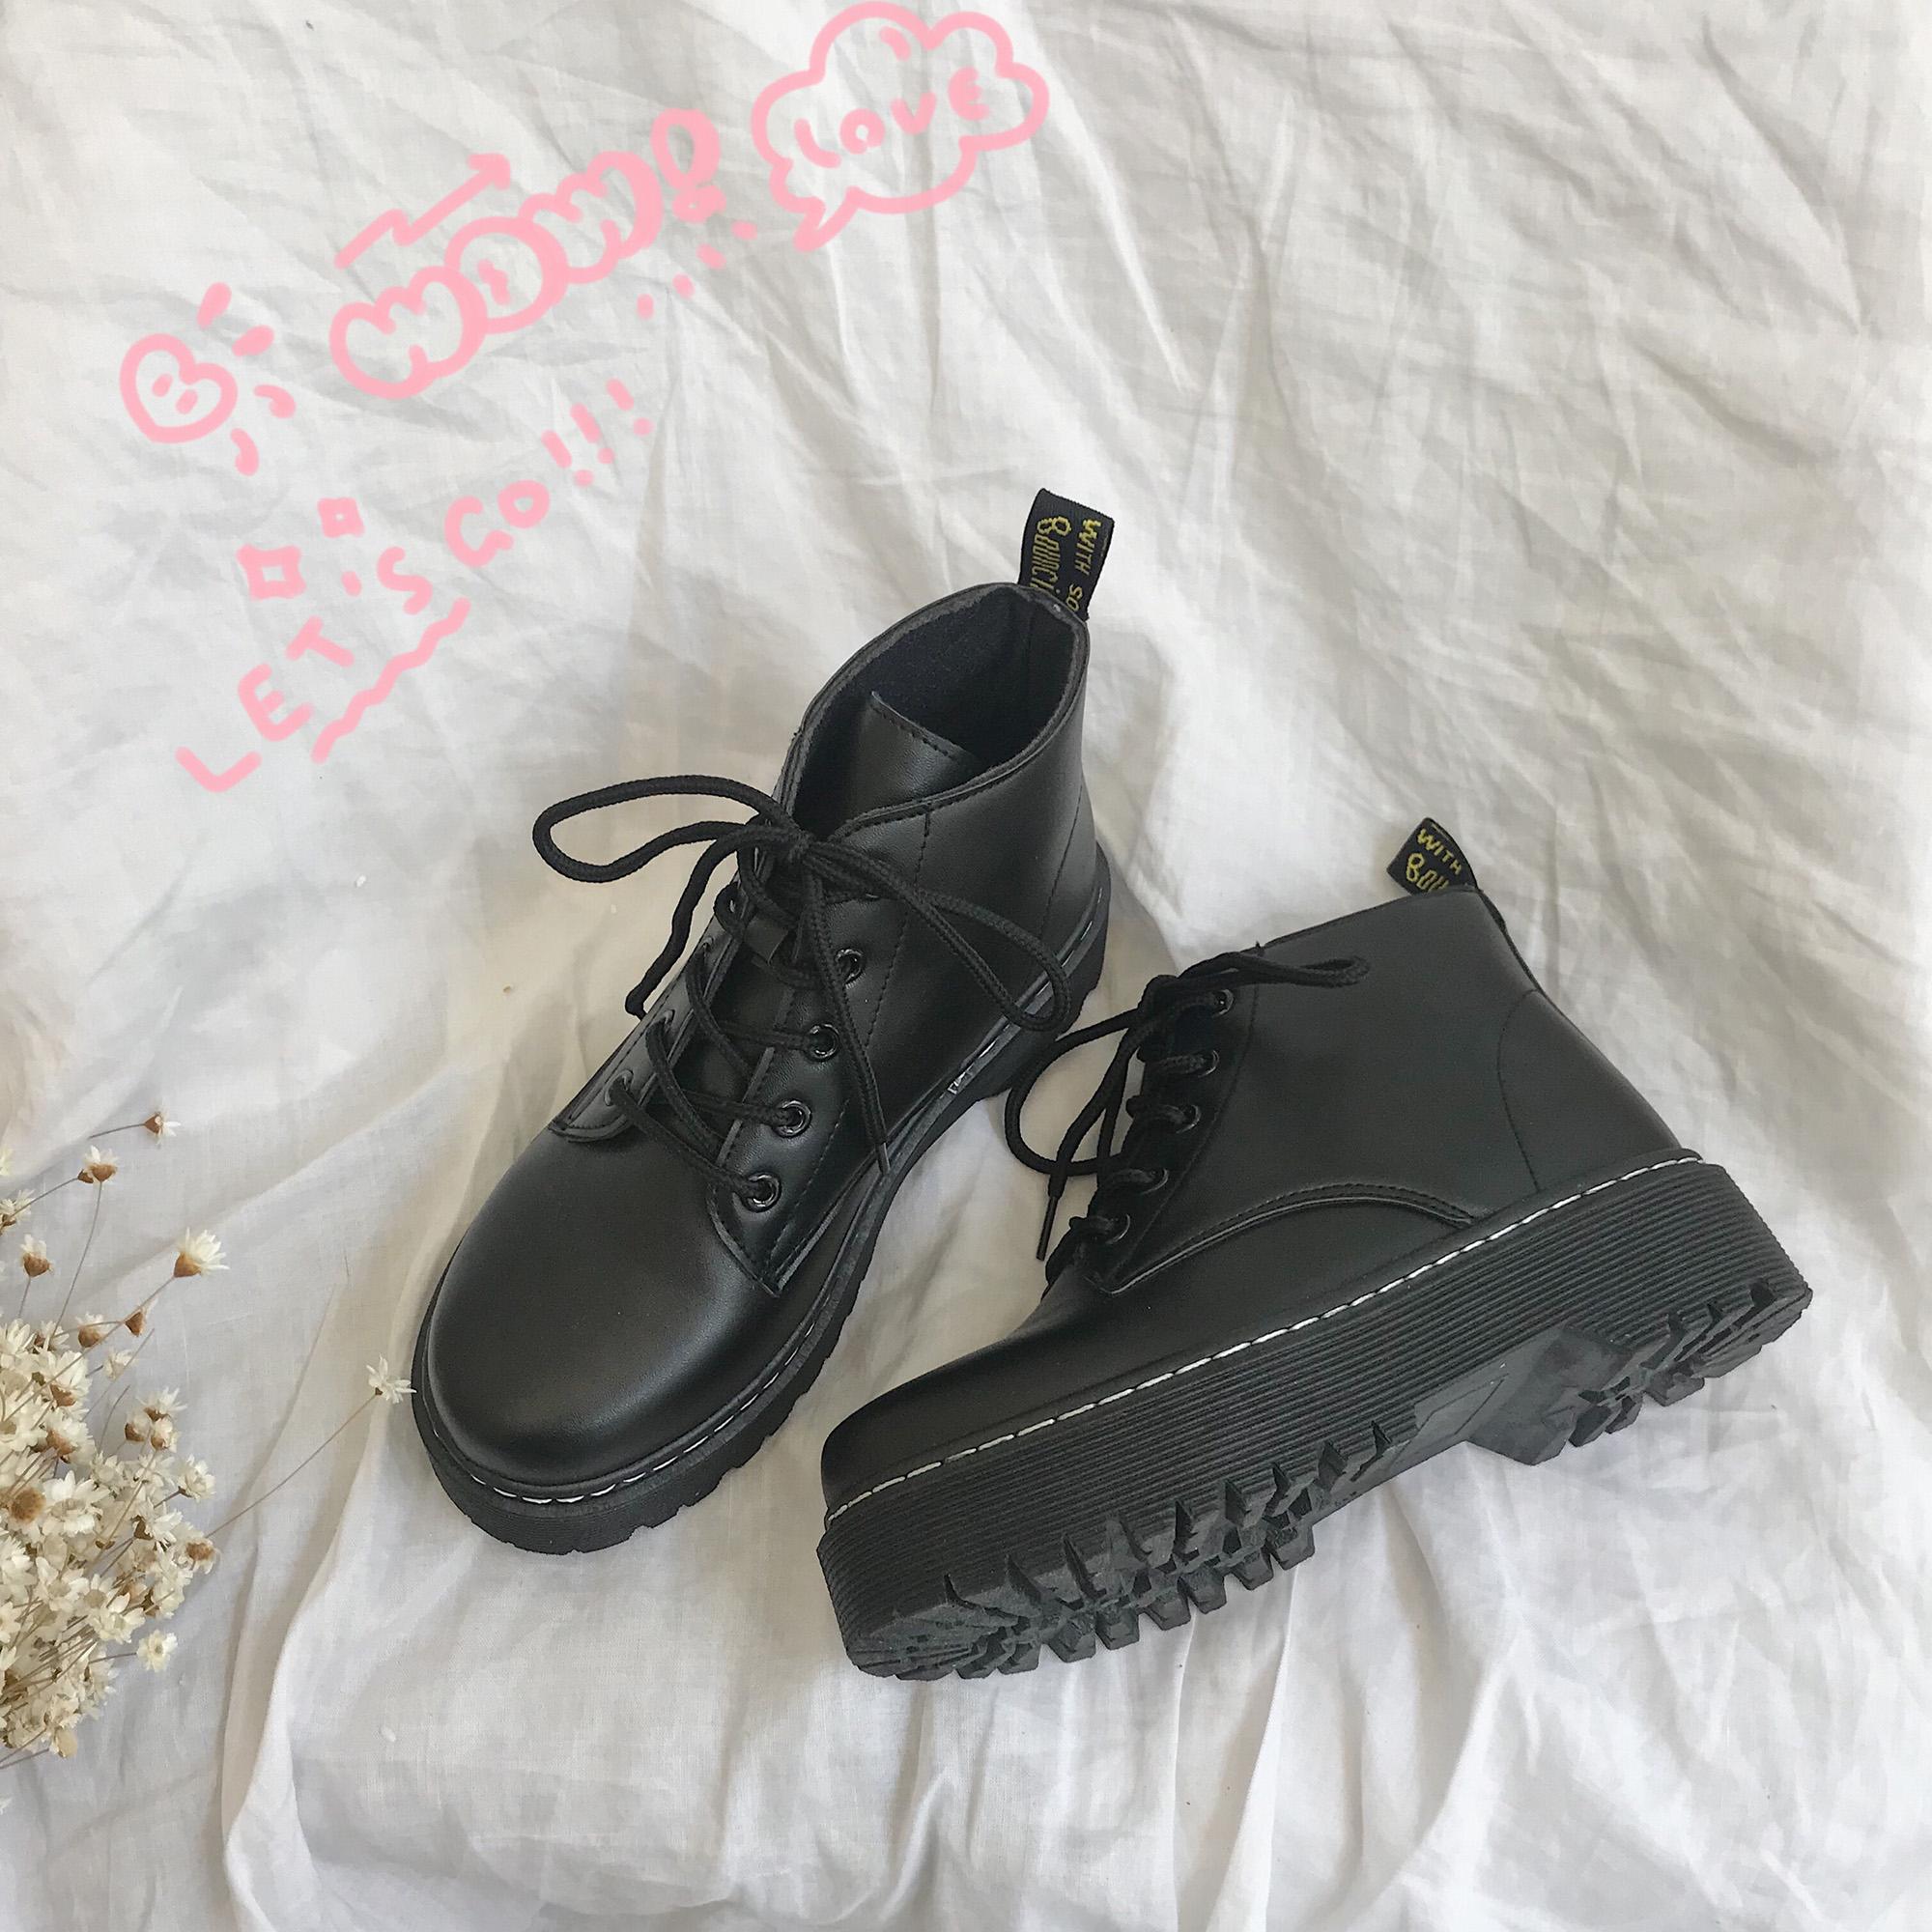 2018秋季新款马丁靴女休闲圆头系带黑色时尚防水台松糕底短筒靴子